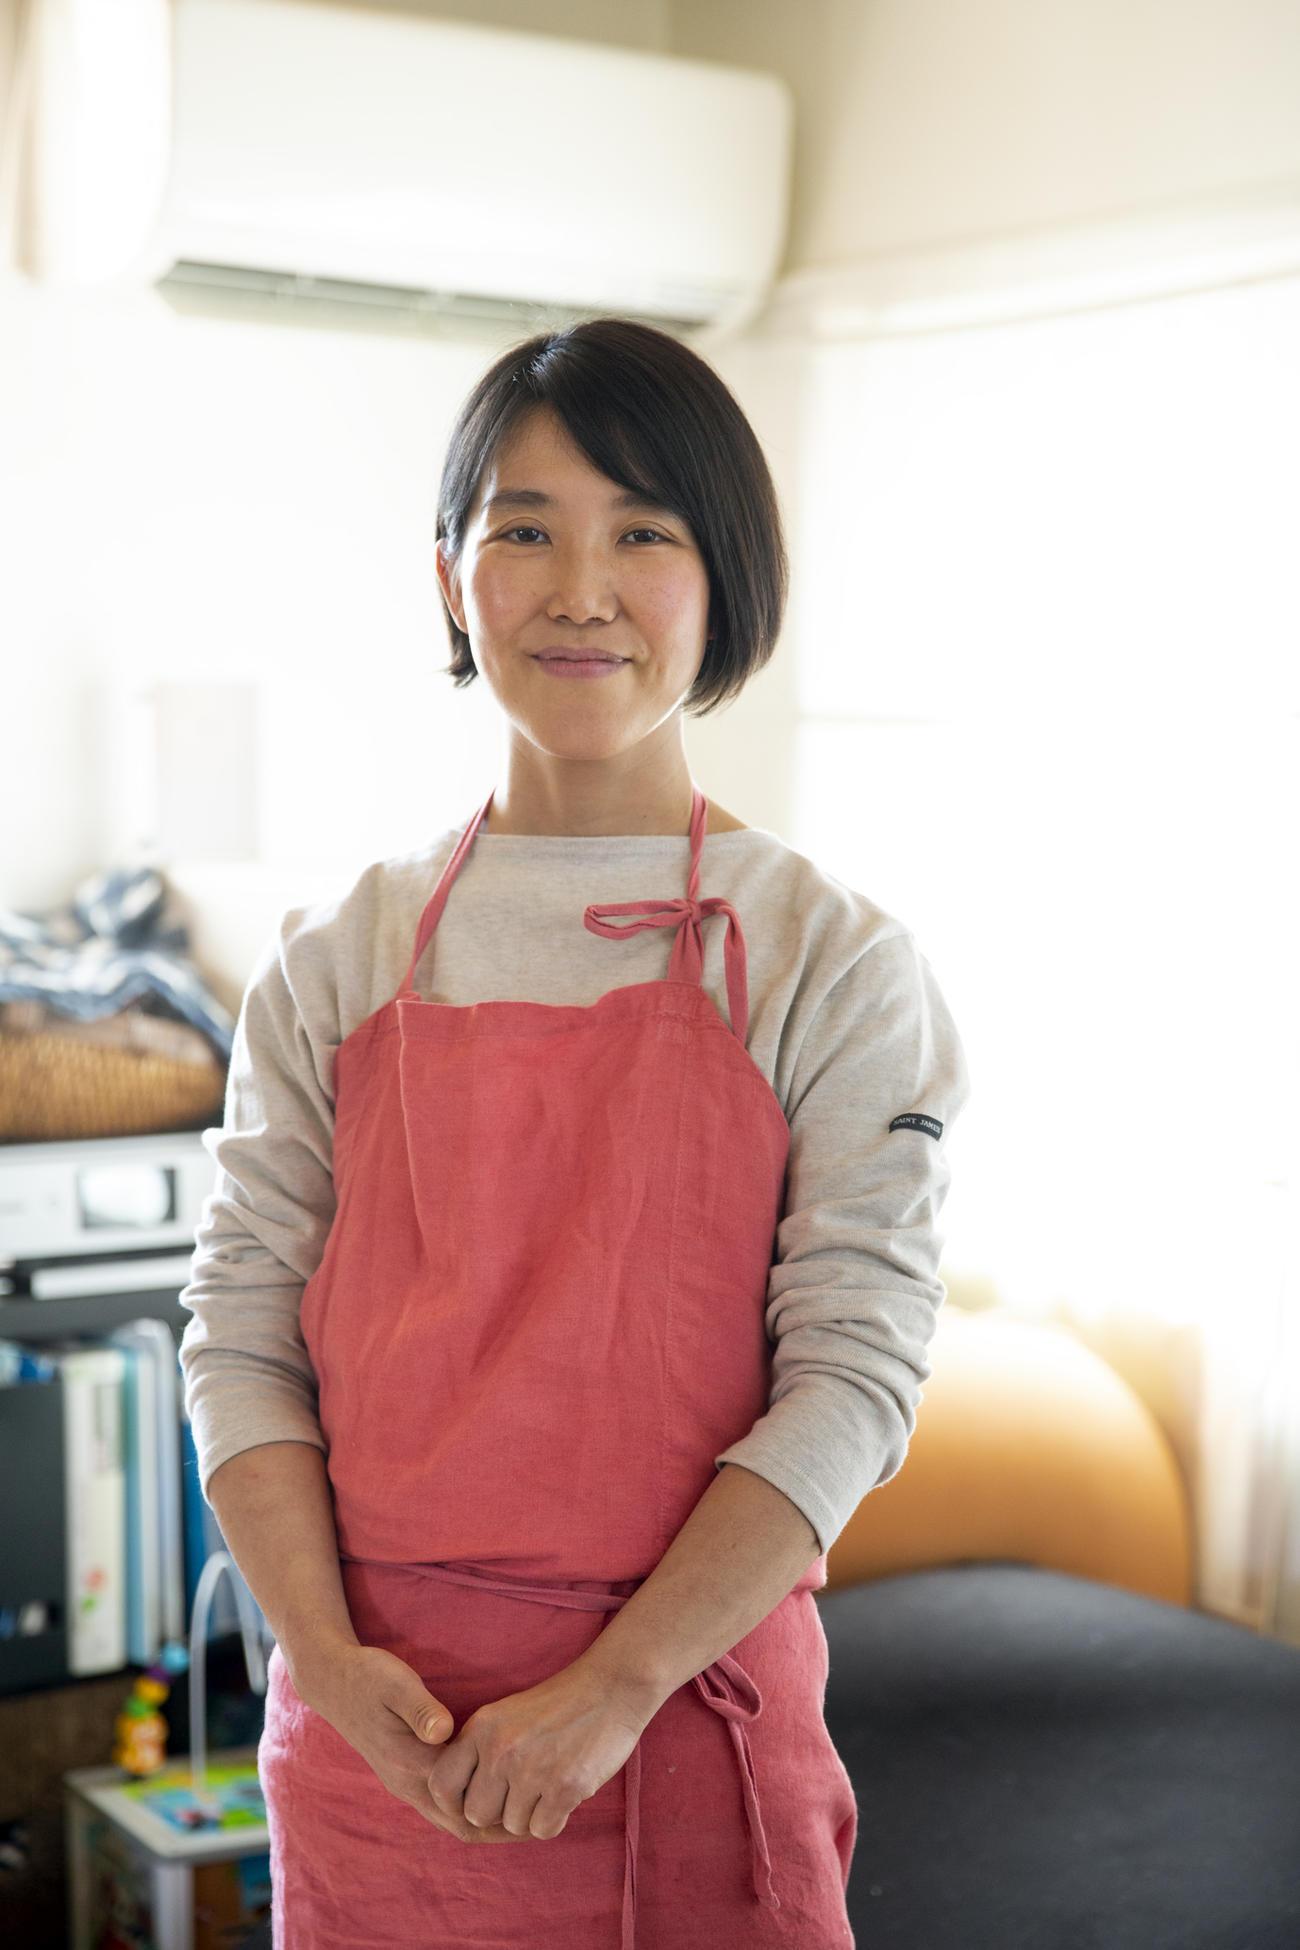 「予約が取れない伝説の家政婦」として知られるタサン志麻さん(ワニブックス提供)